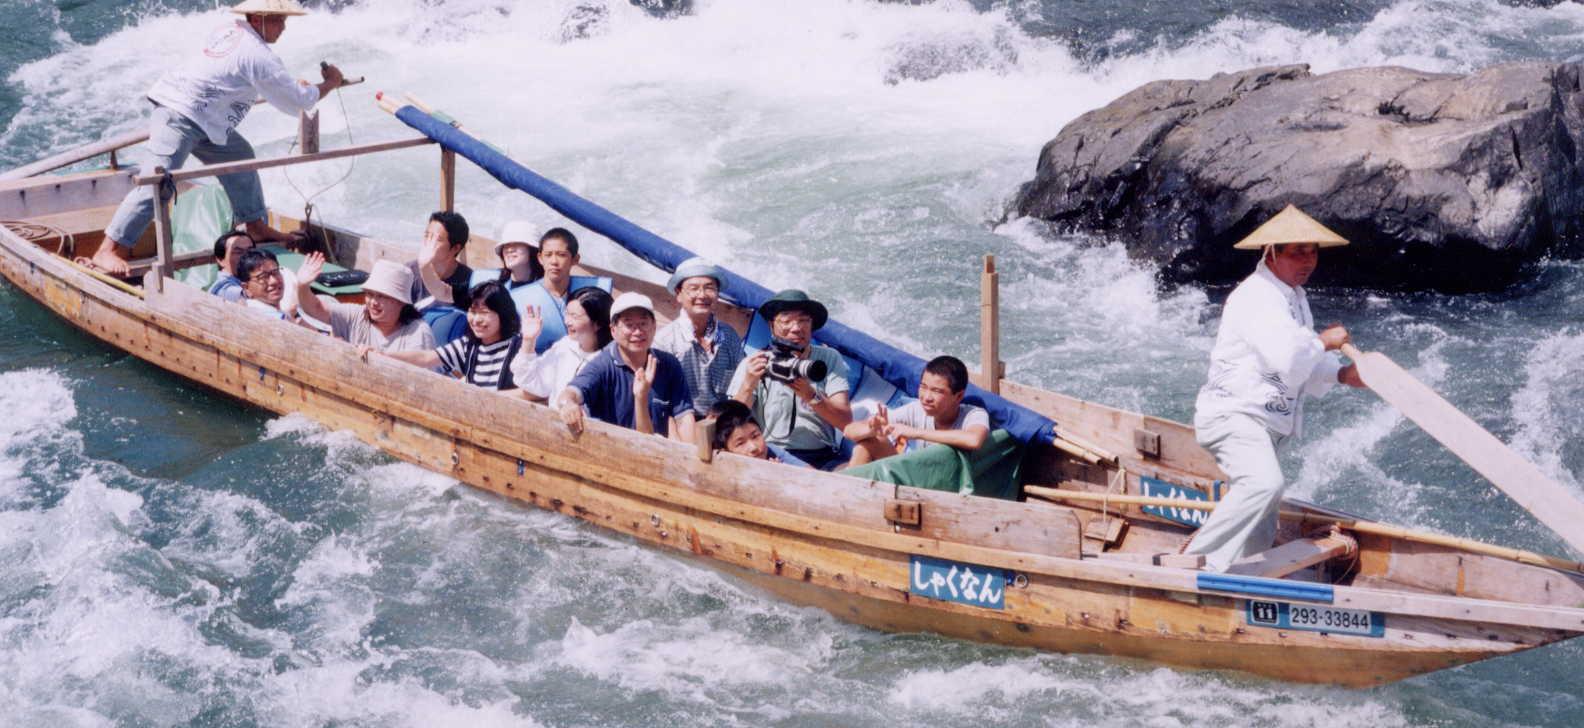 球磨川下りを楽しみます